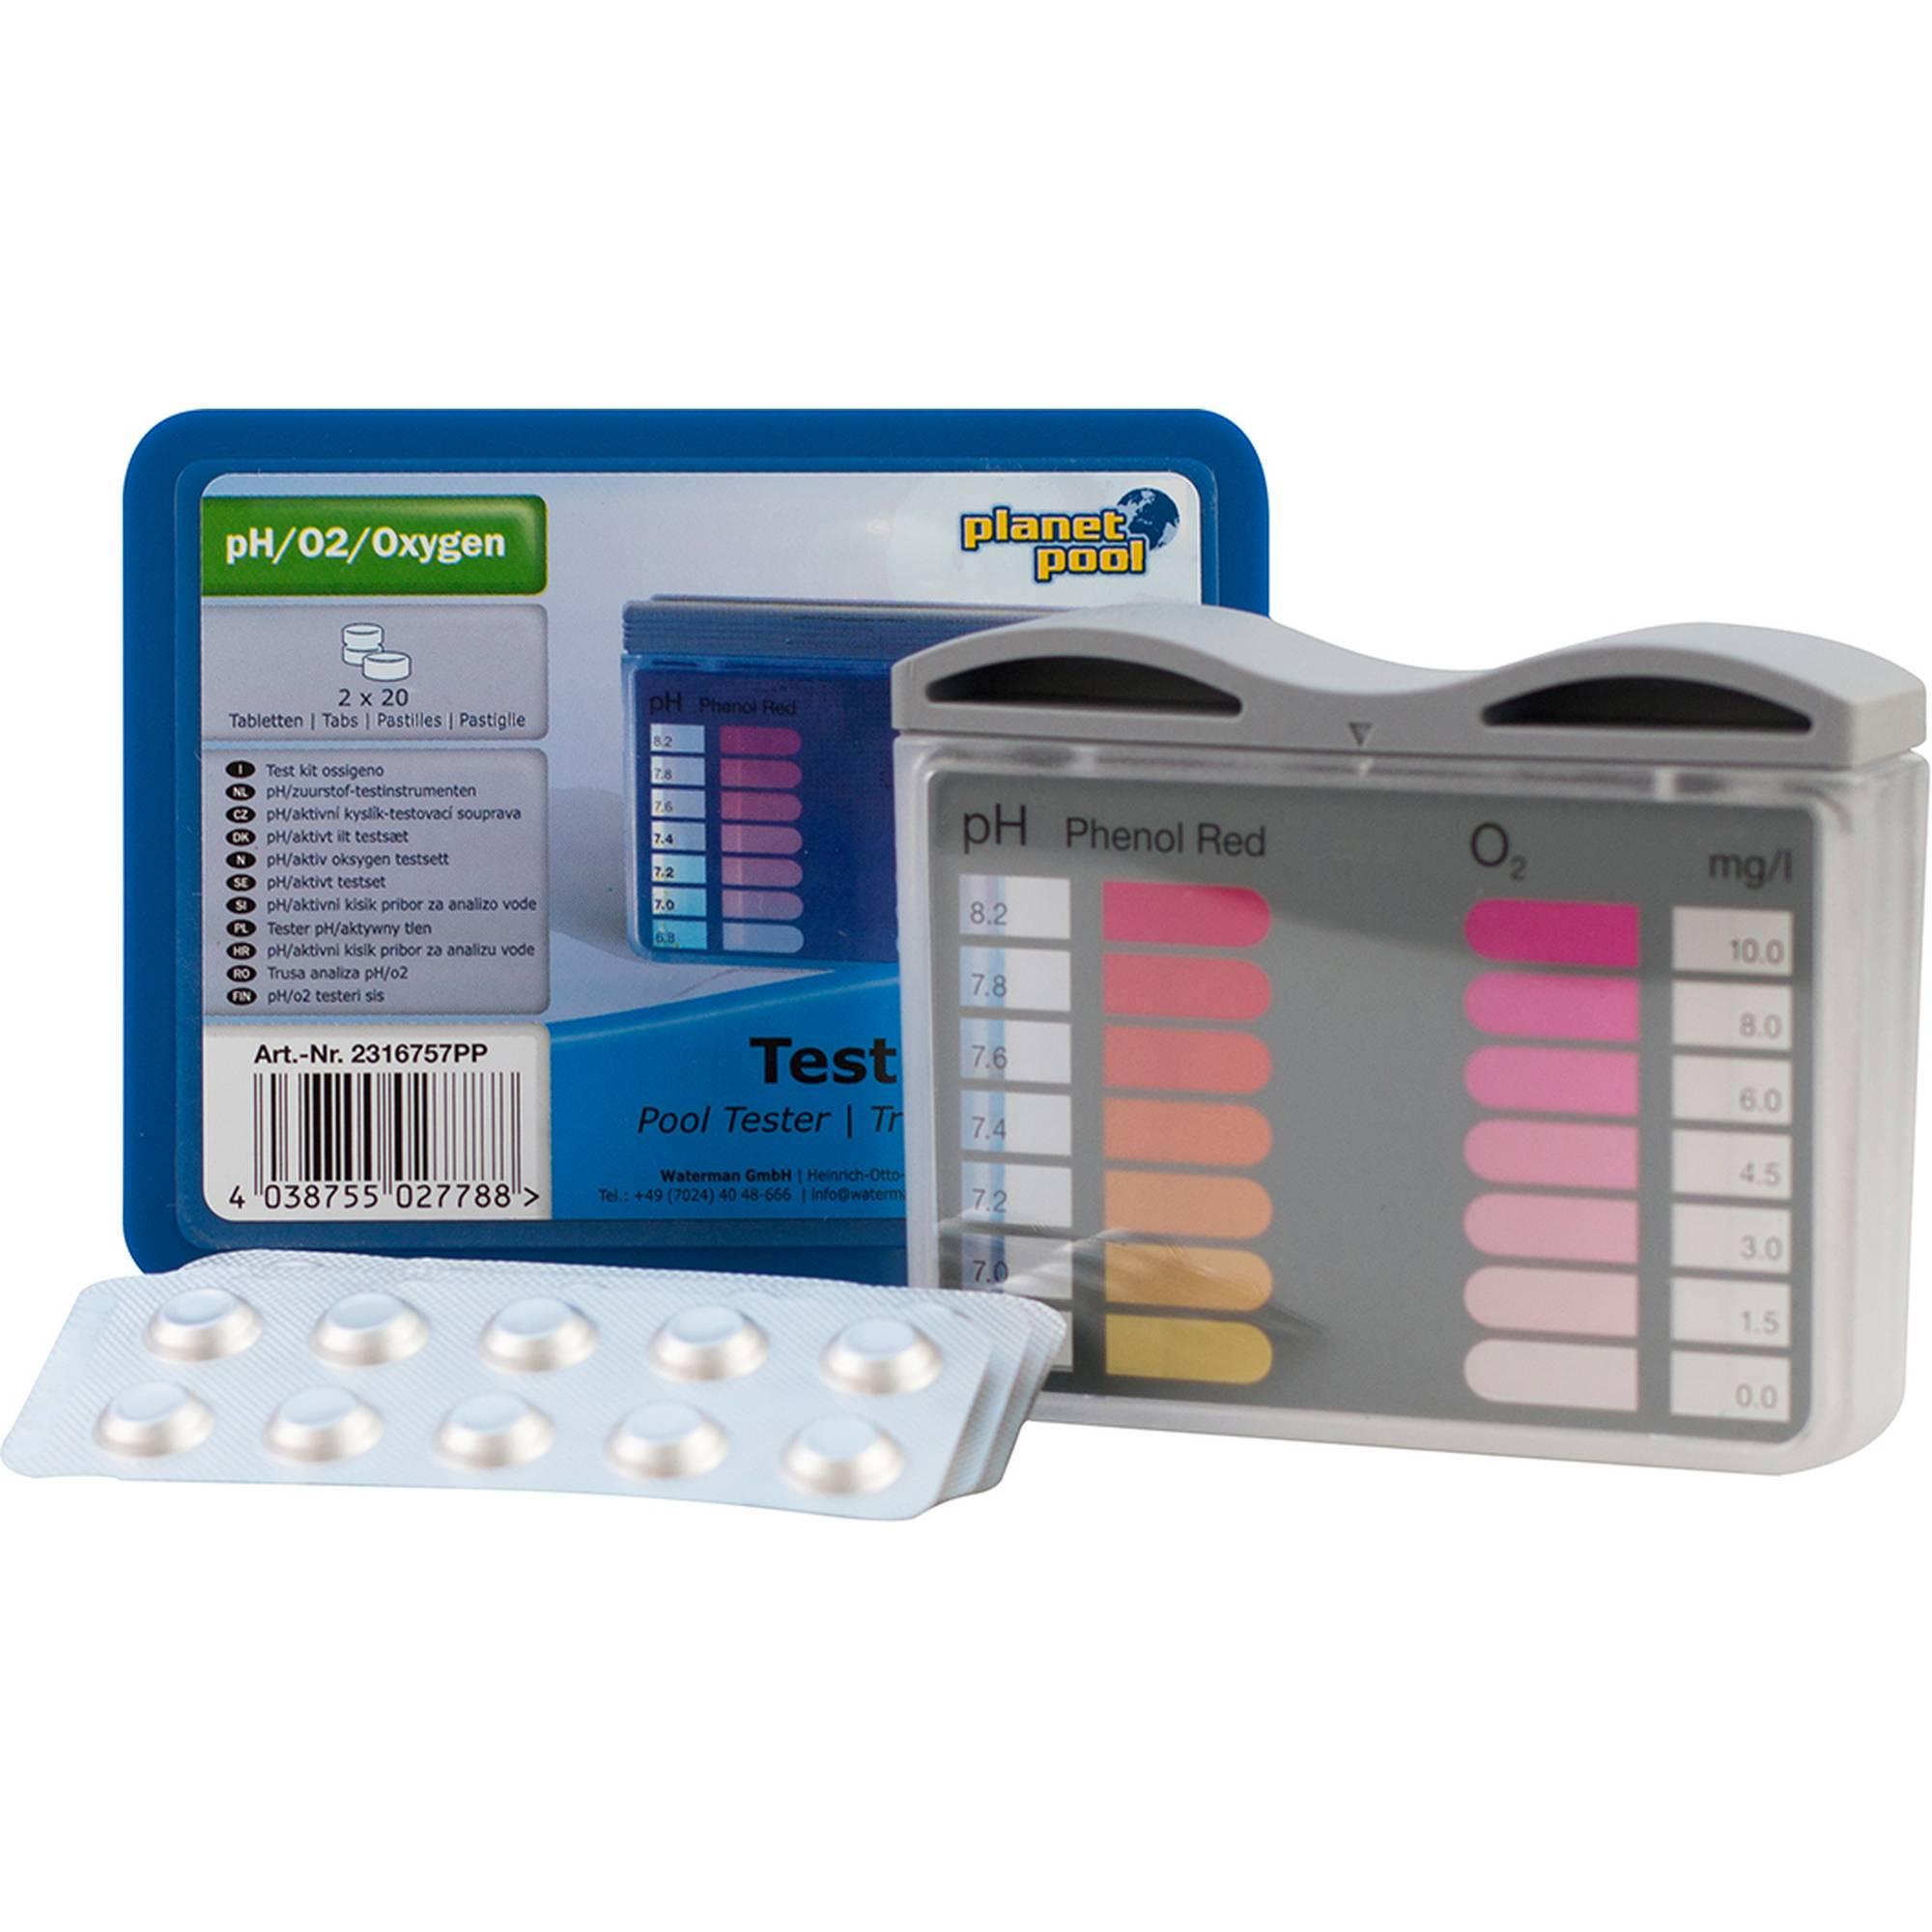 pH / Sauerstoff-Testbesteck - mit je 20 Tabletten